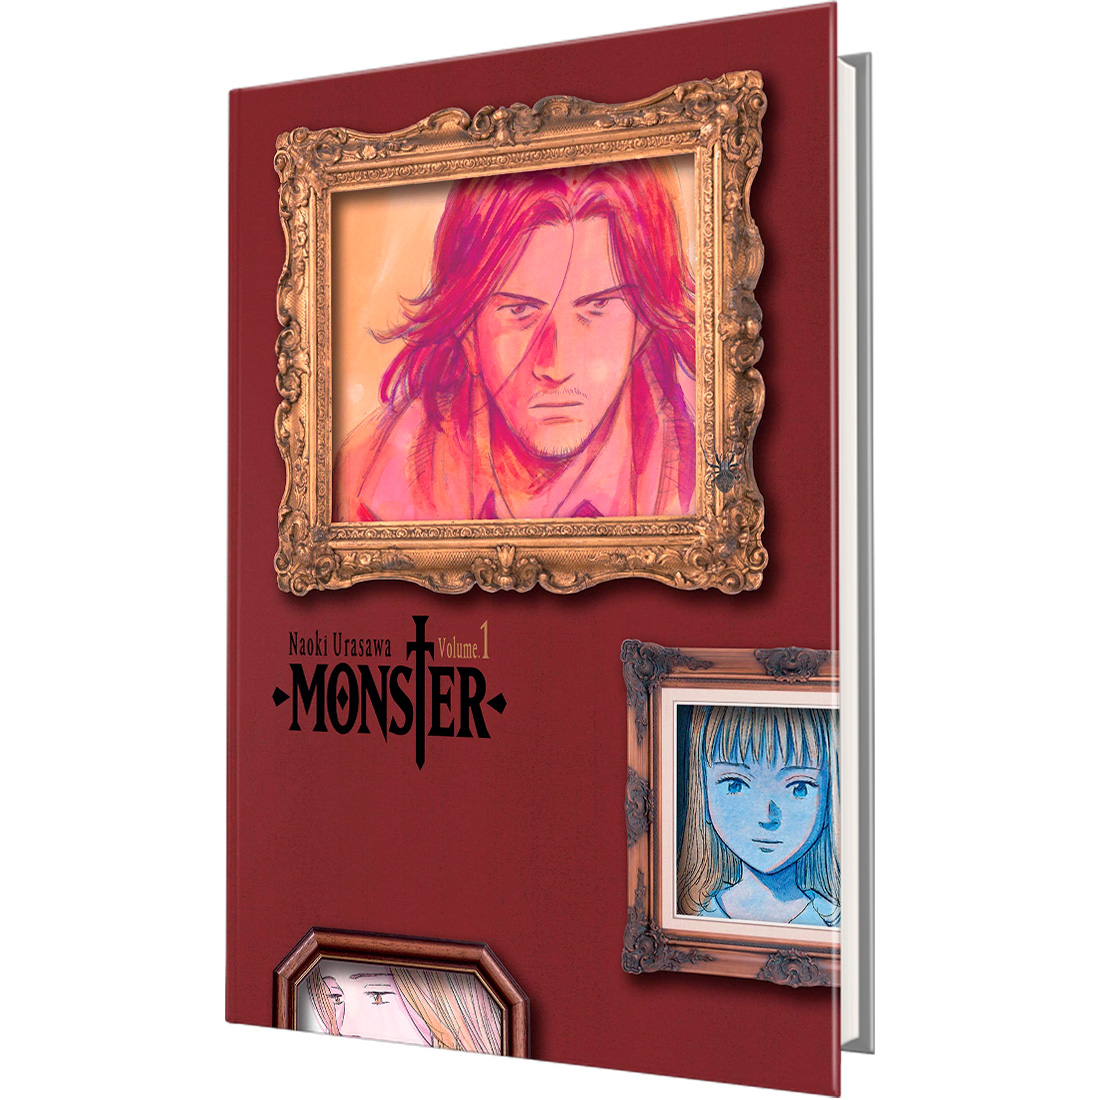 Monster Kanzenban Vol. 1